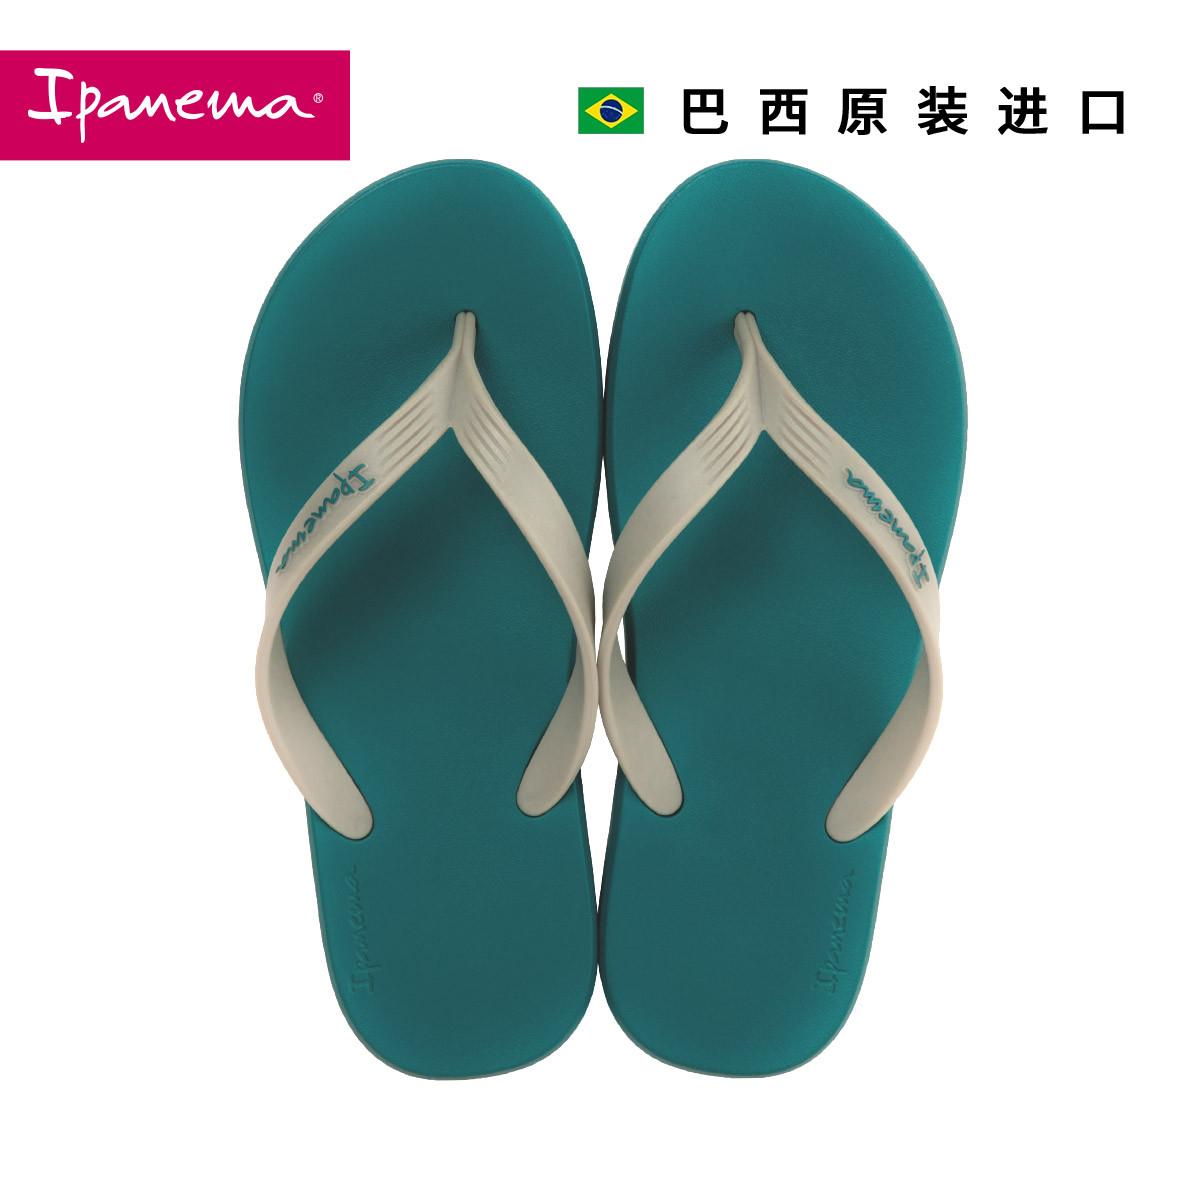 新款夏男士纯色人字拖平底拖鞋外穿凉拖鞋2018巴西Ipanema